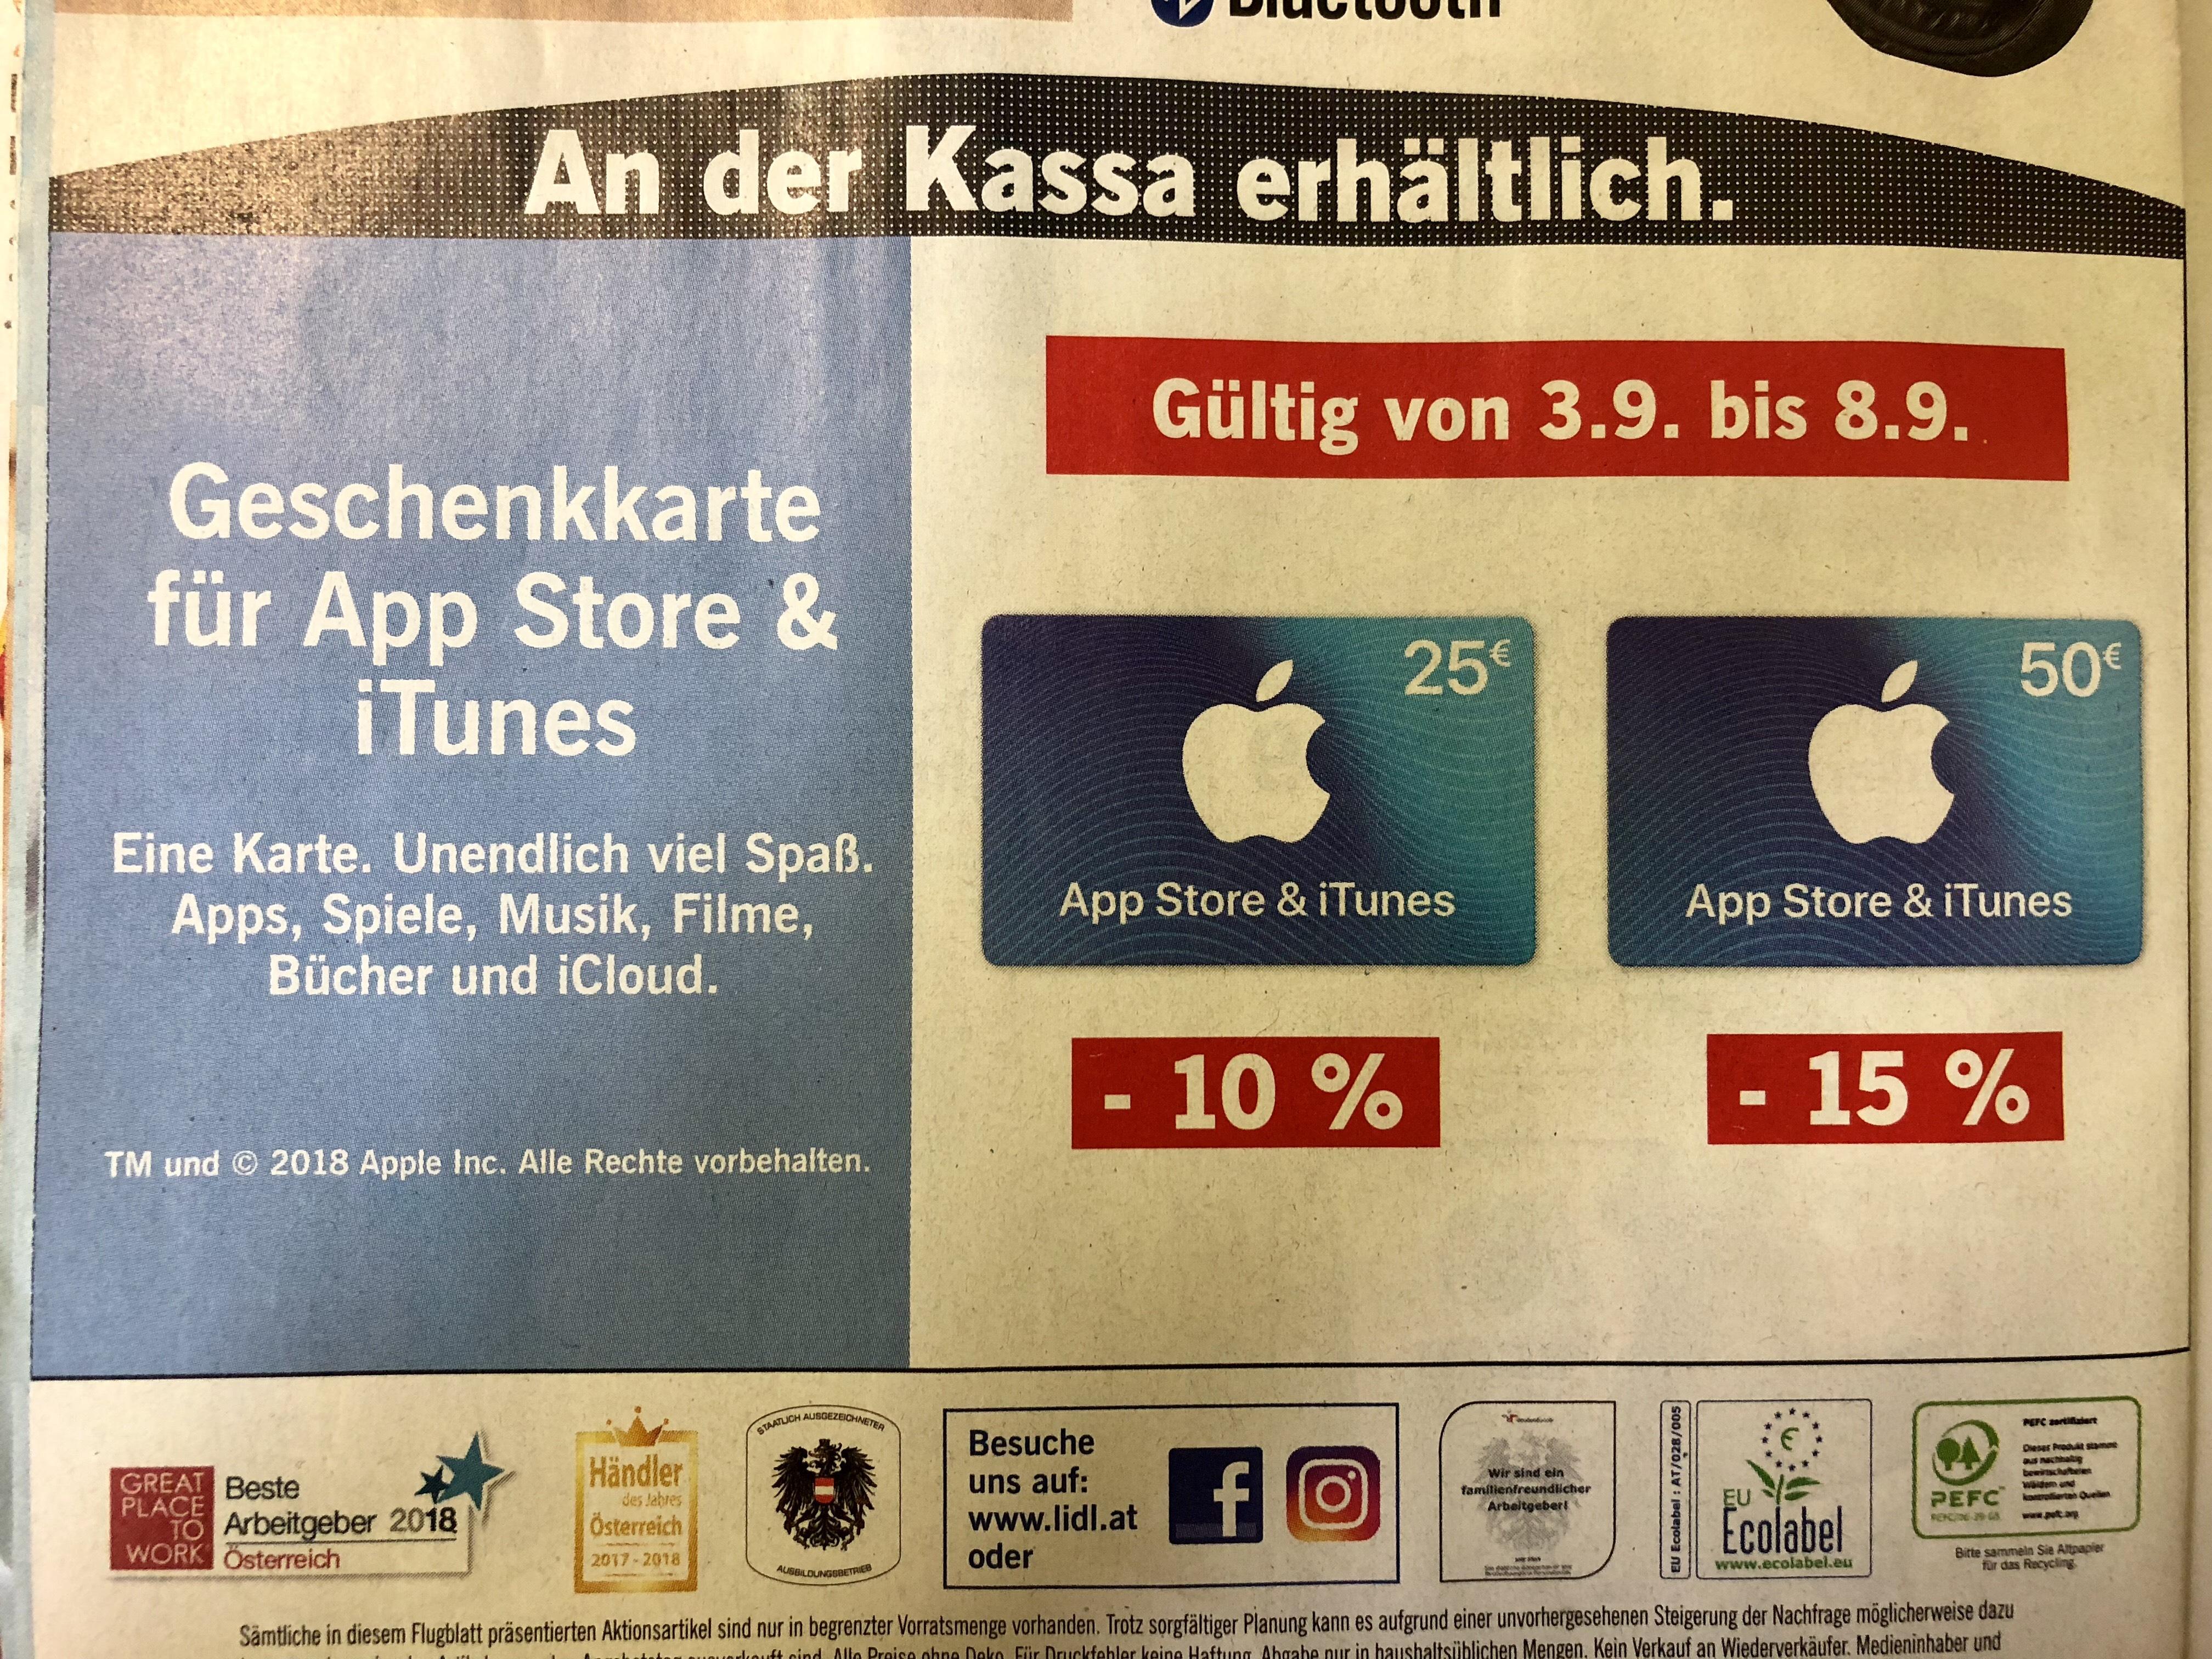 App Store & iTunes Geschenkarten -10% auf den 25€ Bon bzw. -15% auf den 50€ Bon